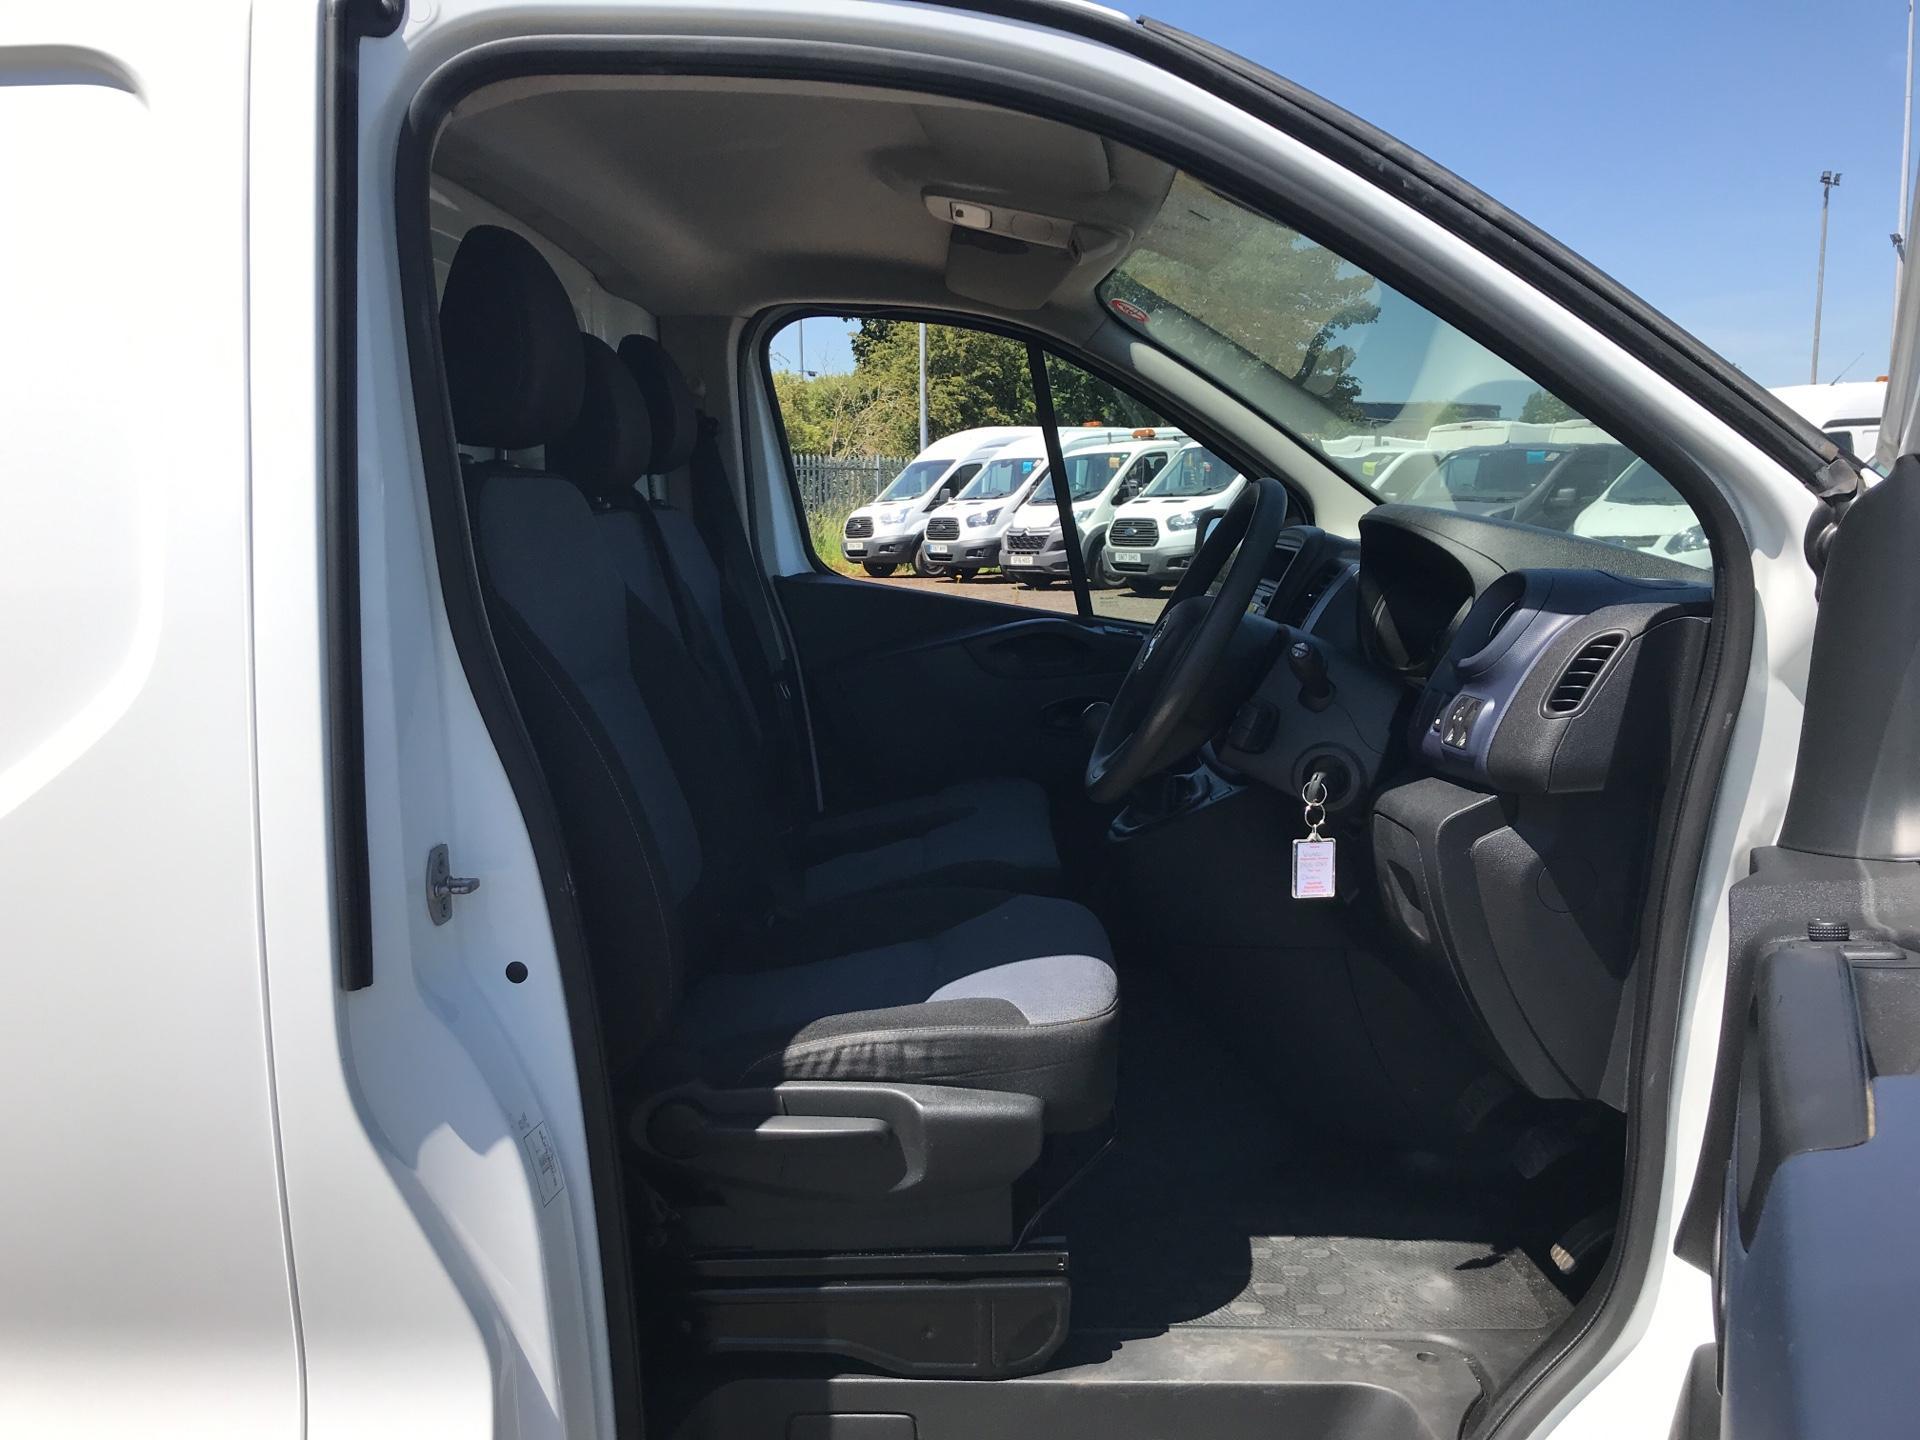 2016 Vauxhall Vivaro L2 H1 2900 1.6Cdti 115Ps EURO 5 (DG16OXS) Image 9